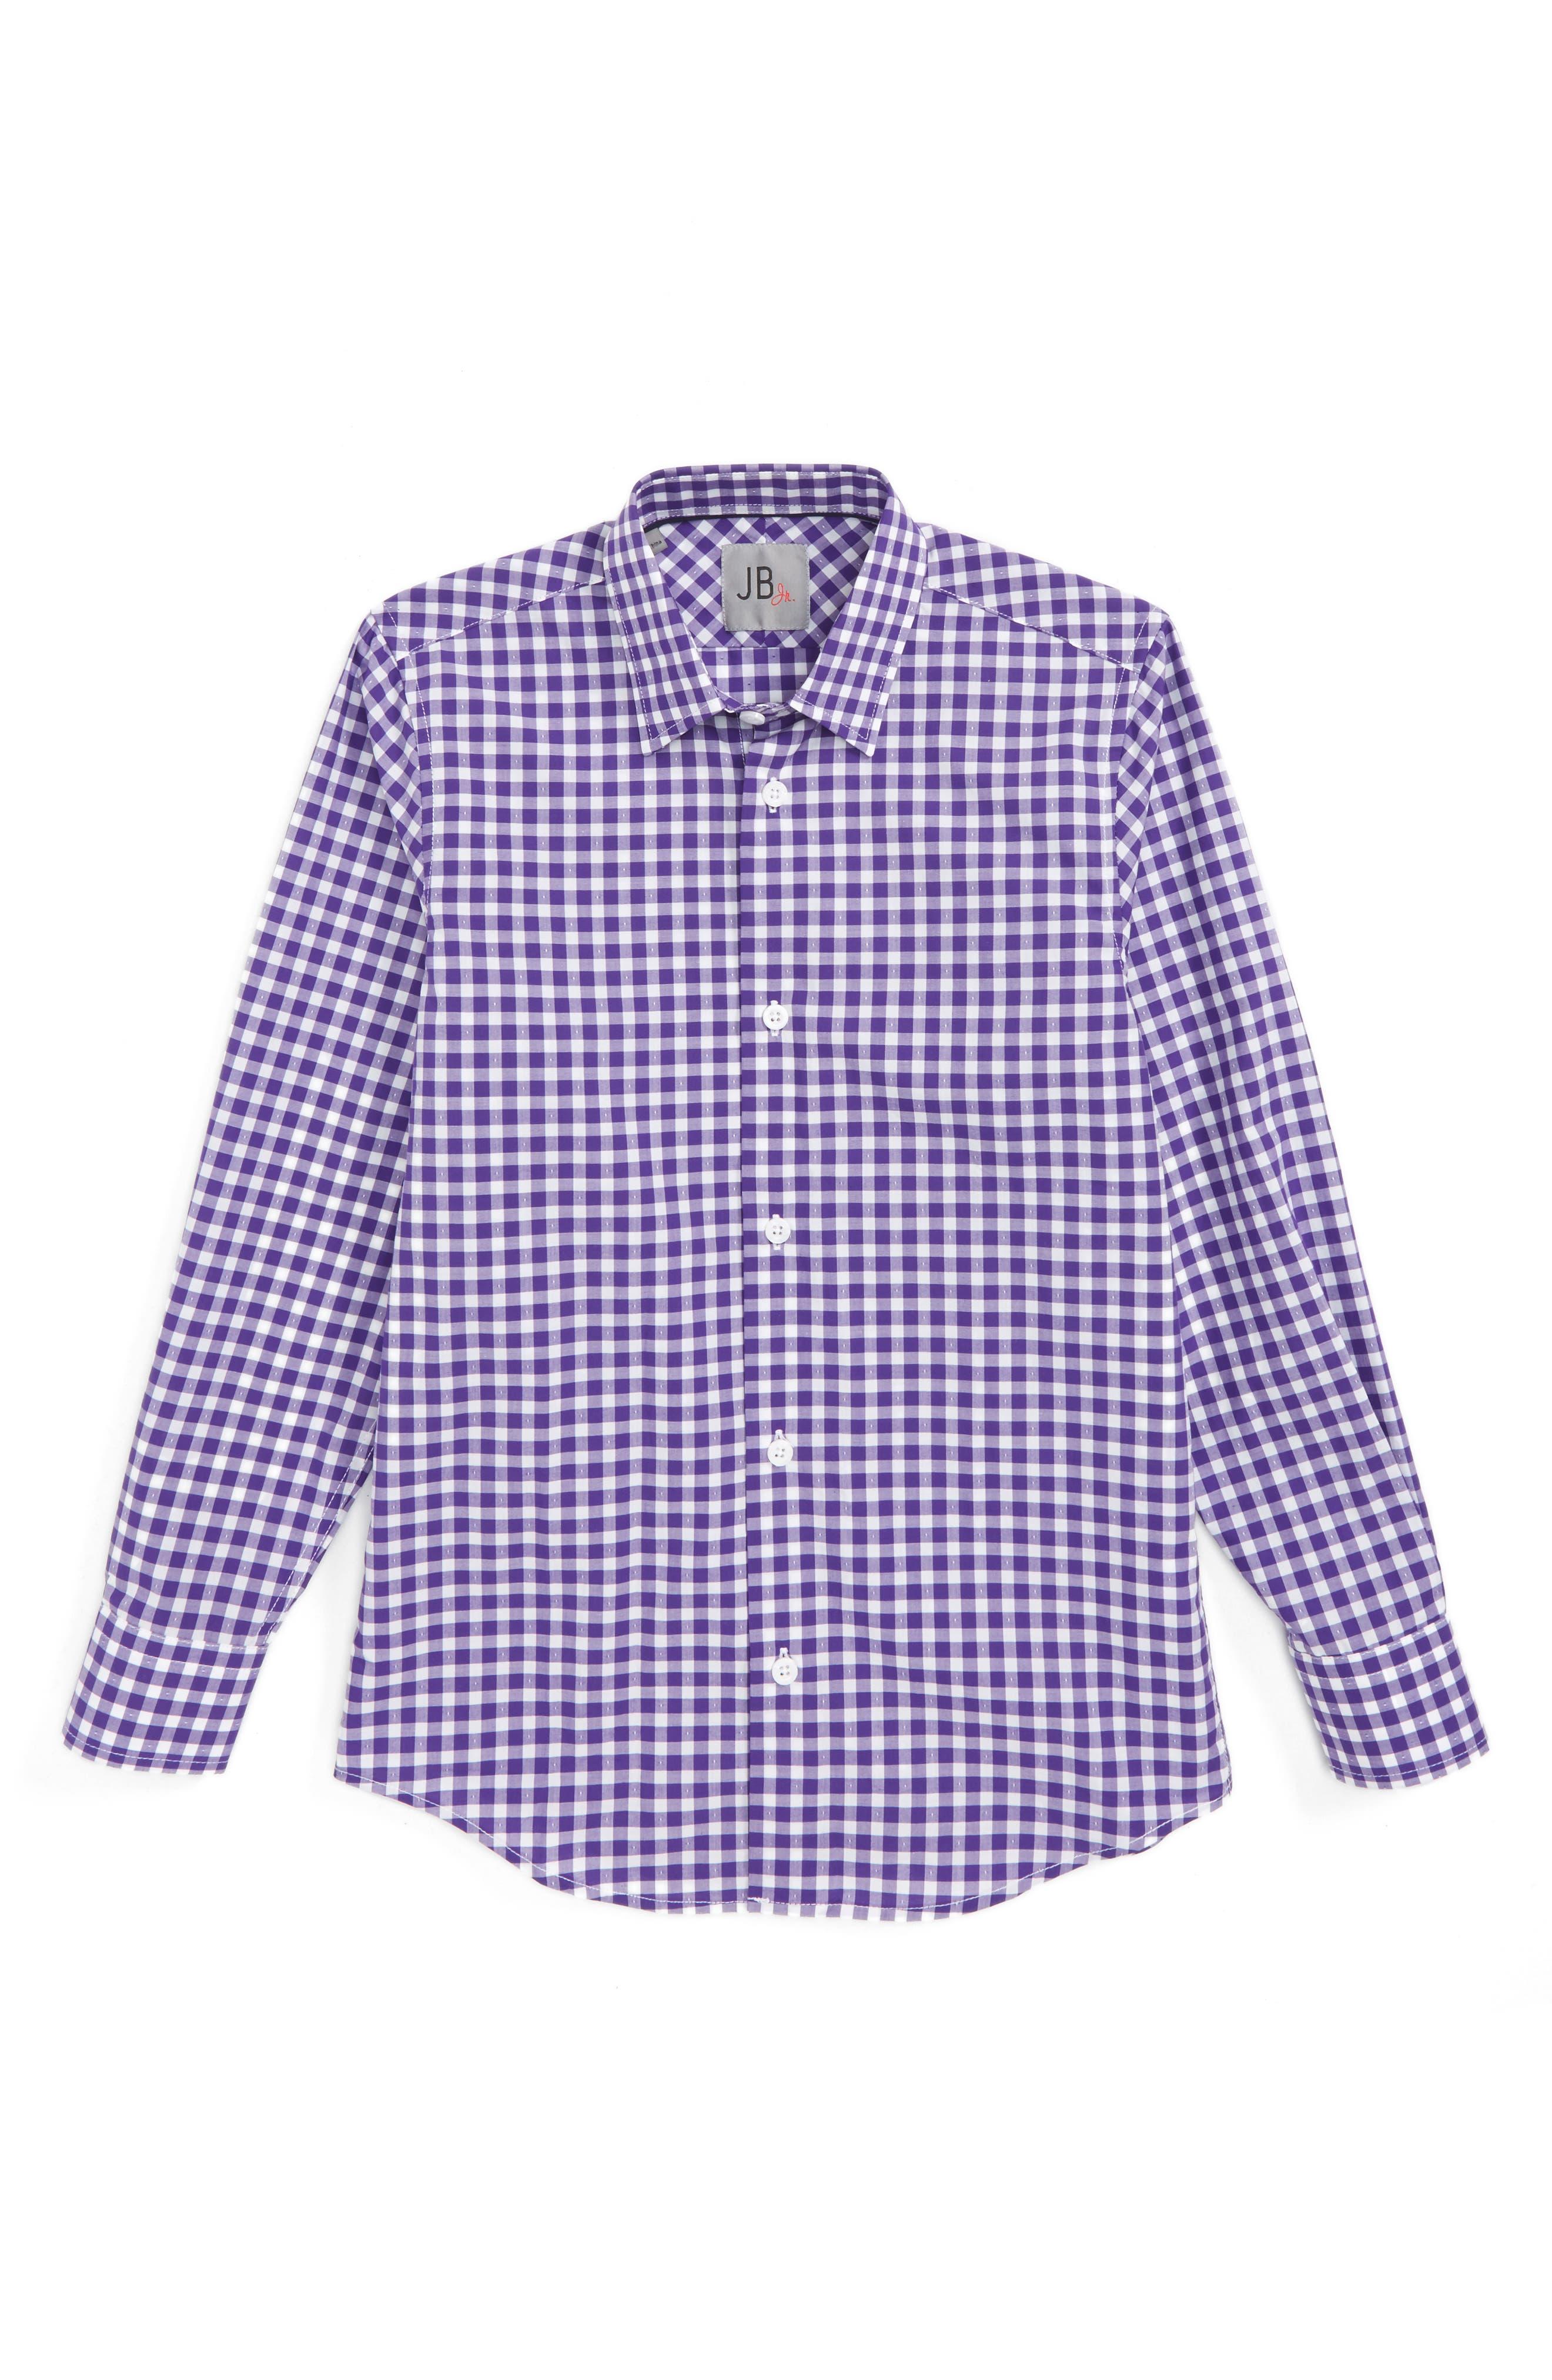 JB Jr Check Dress Shirt (Big Boys)